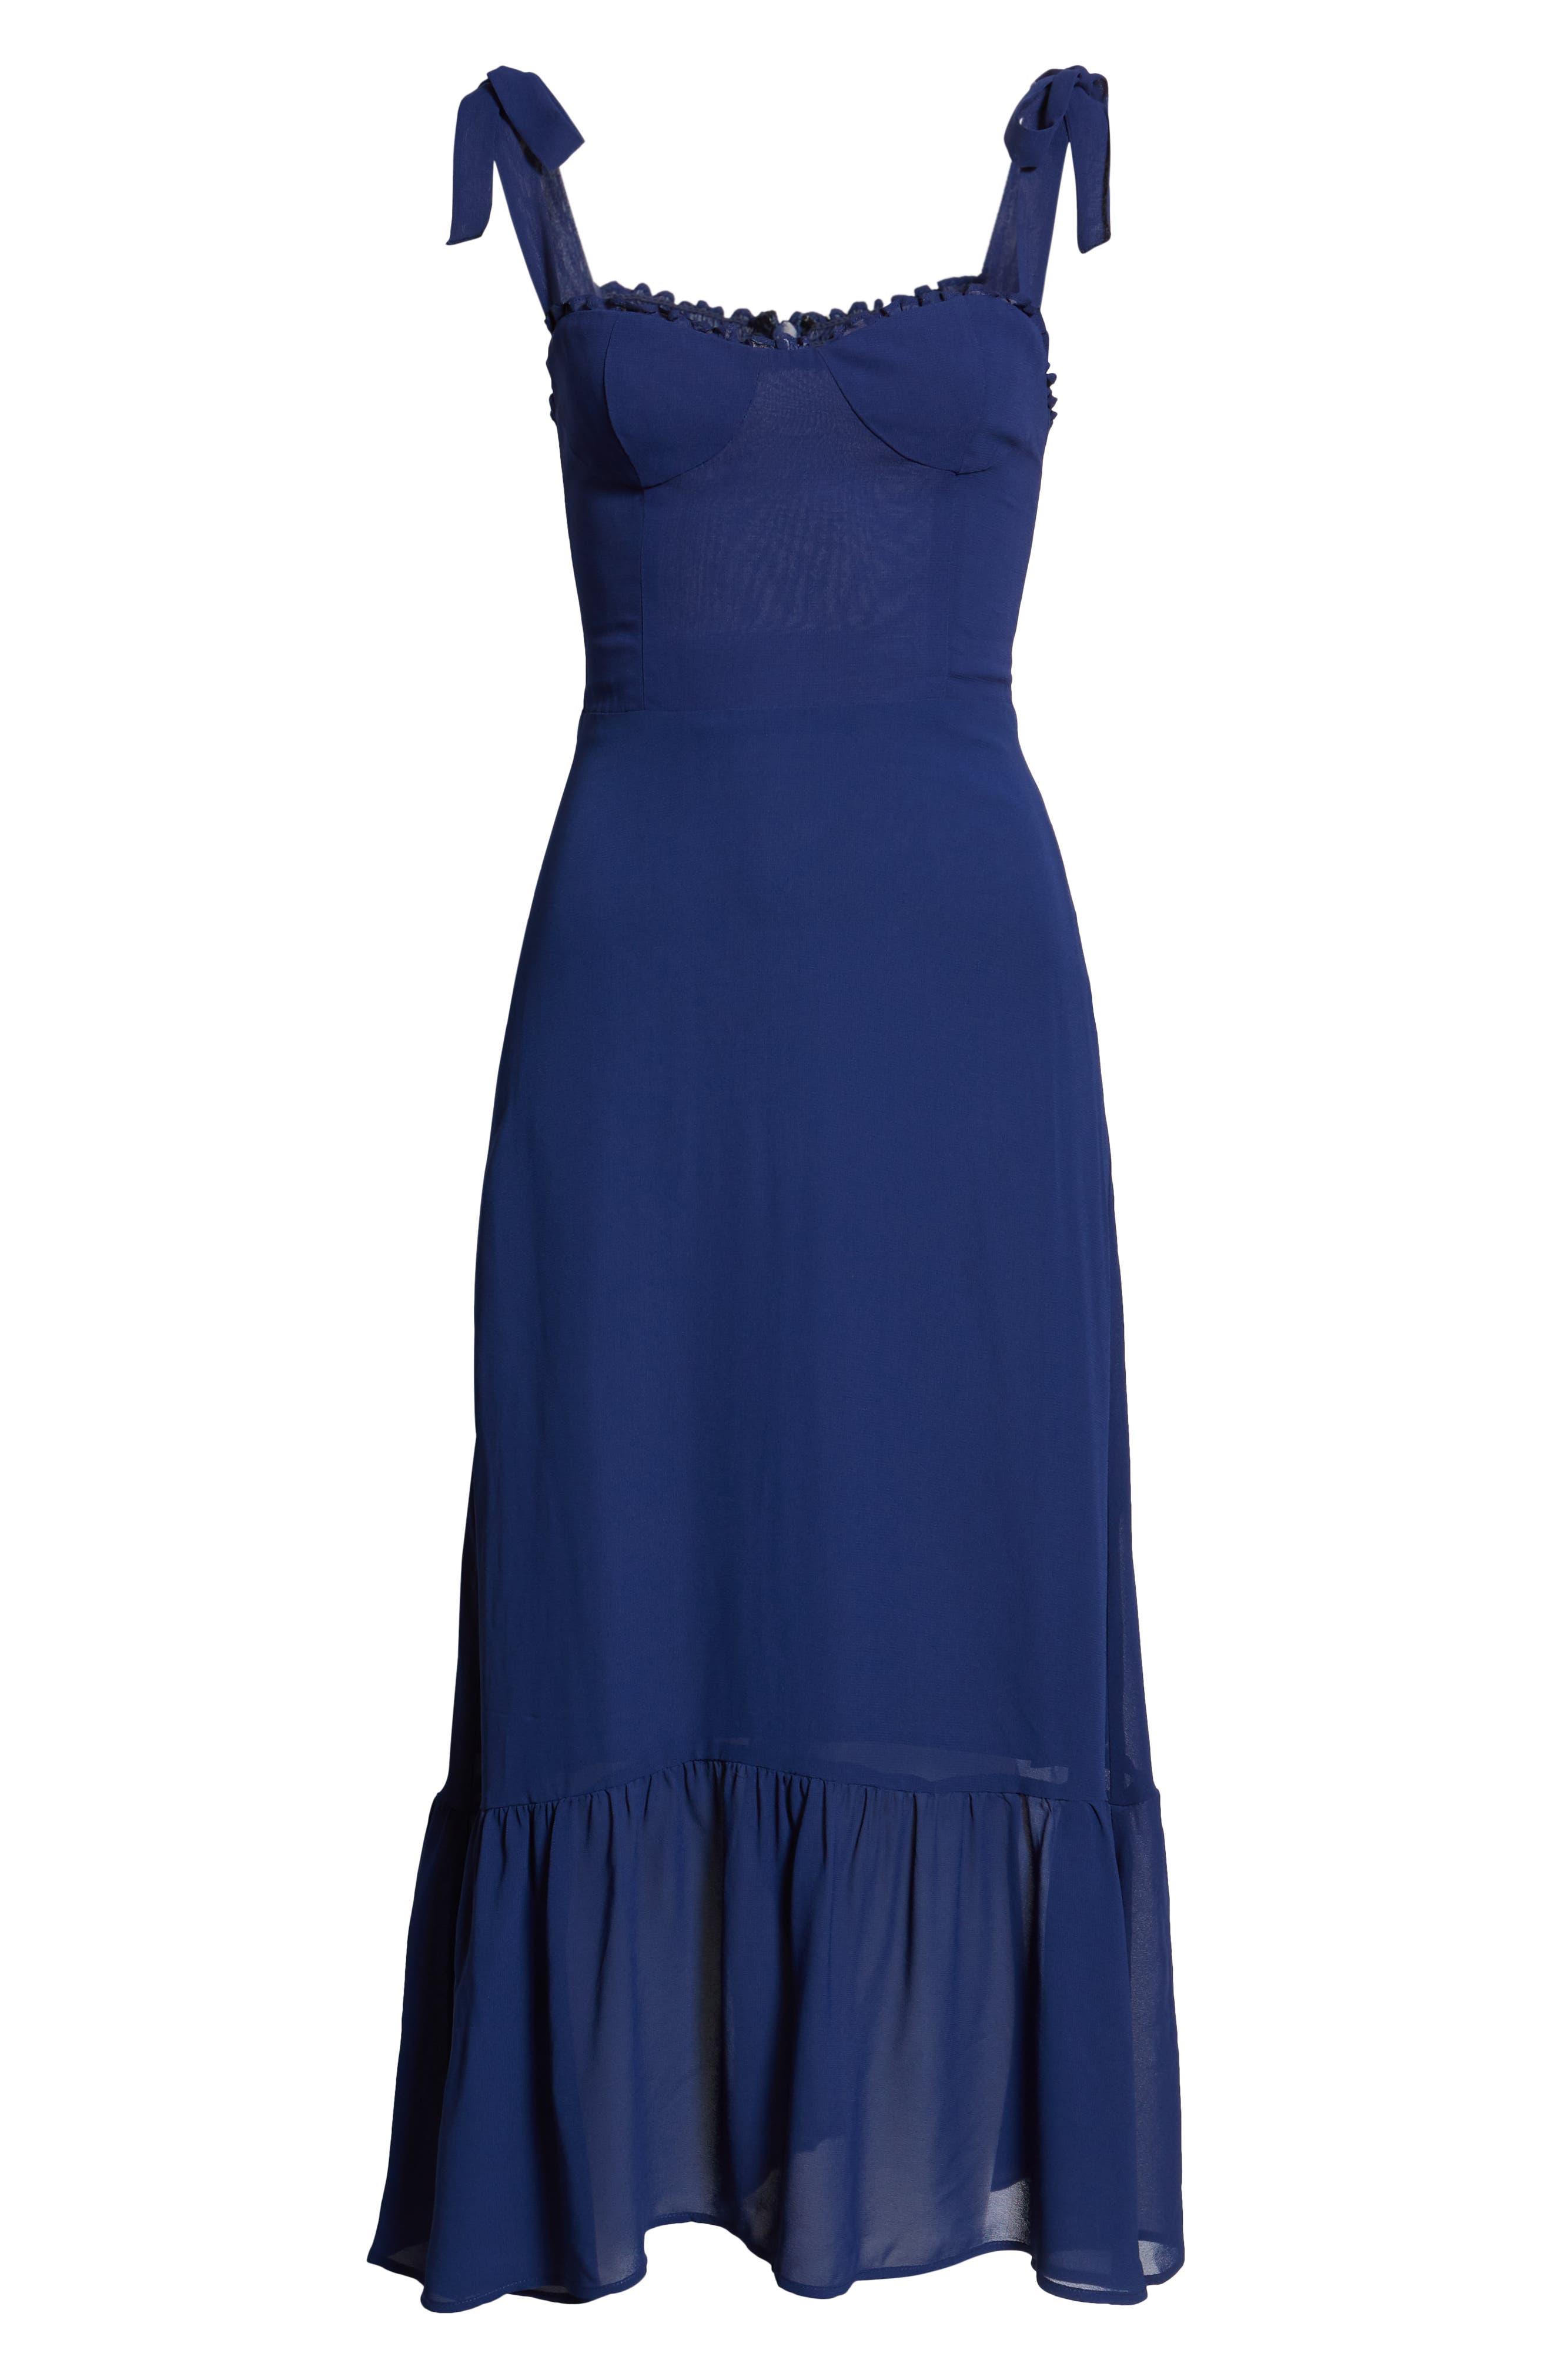 Nikita Floral Midi Dress,                             Alternate thumbnail 6, color,                             400